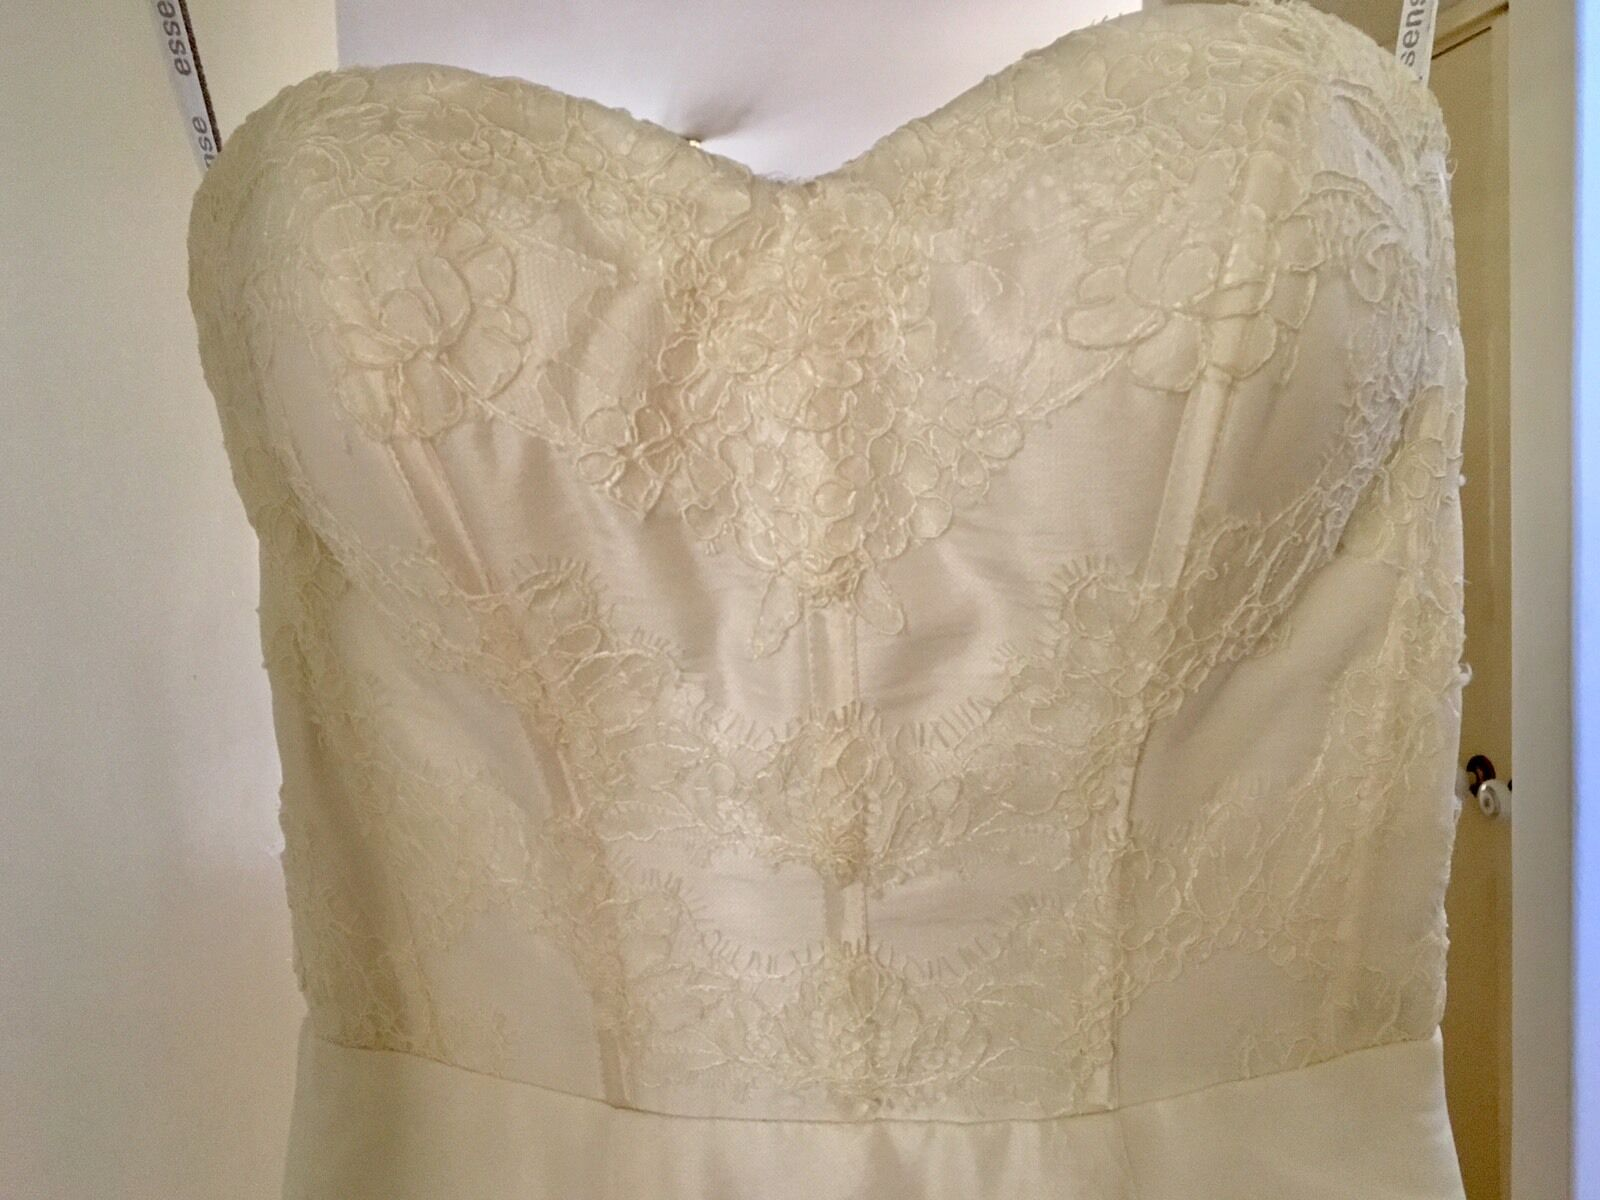 Plain Ivory Lace Wedding Gown Dress A Line US6